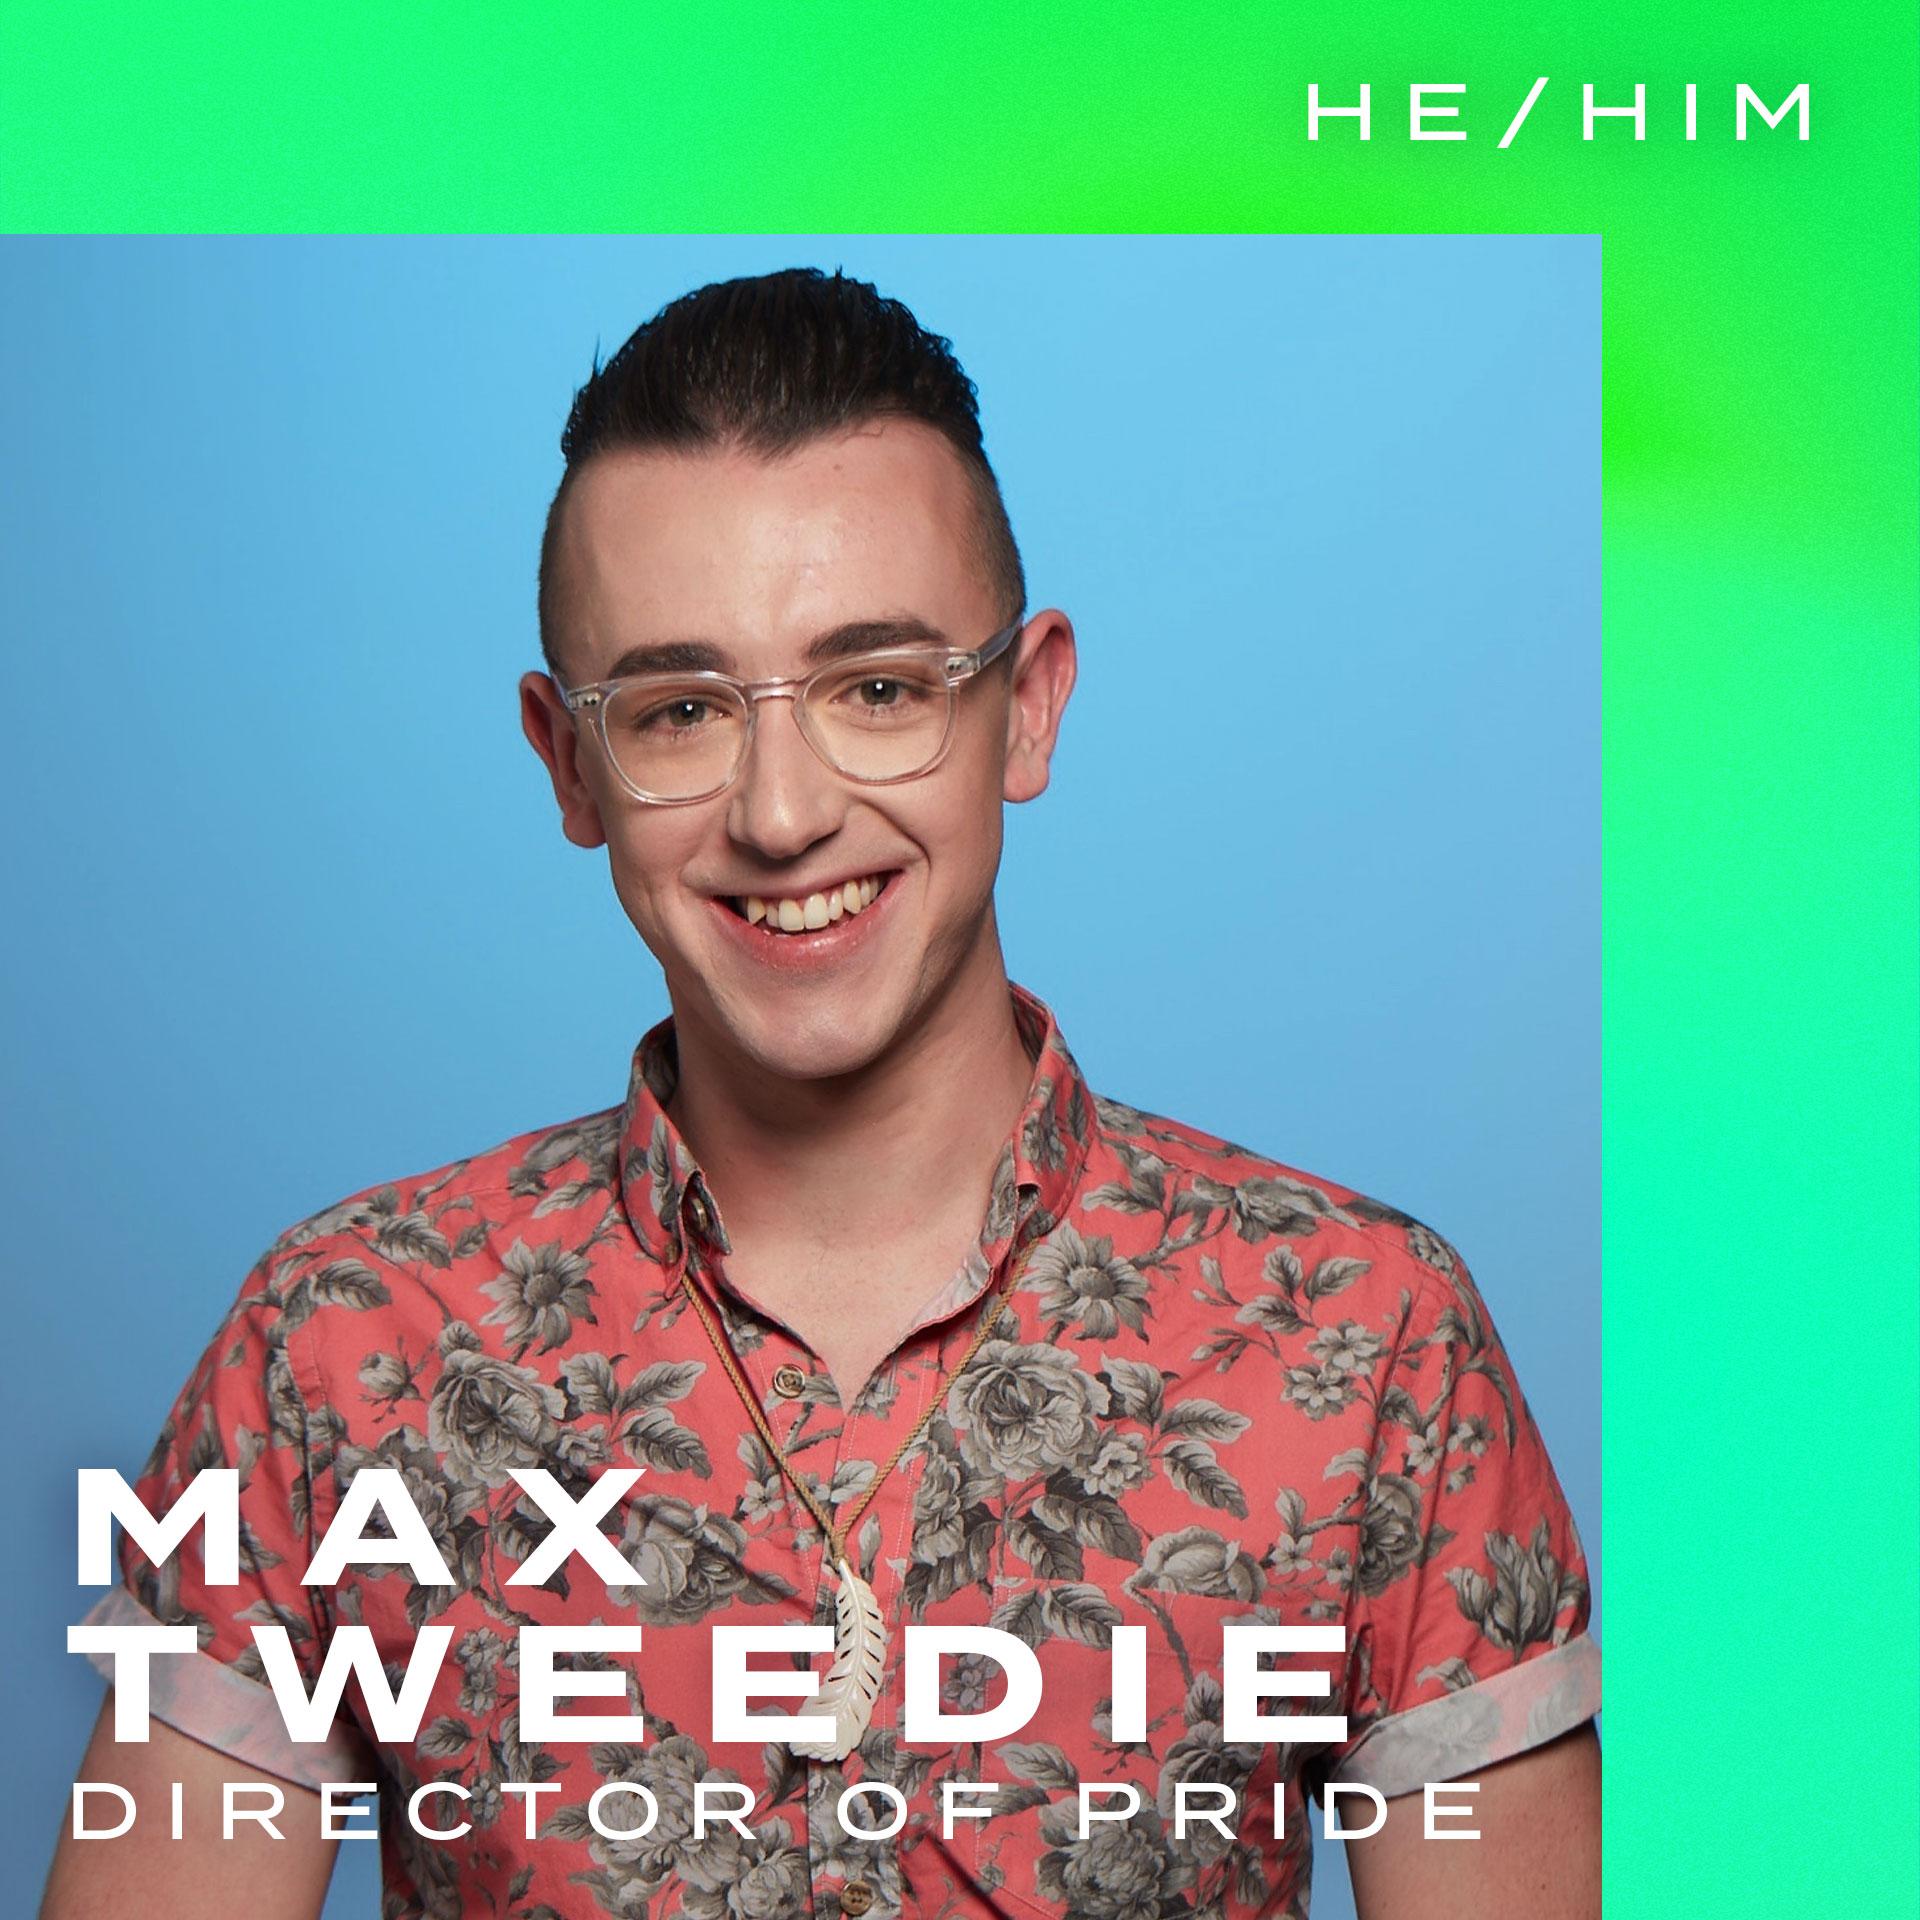 Max Tweedie